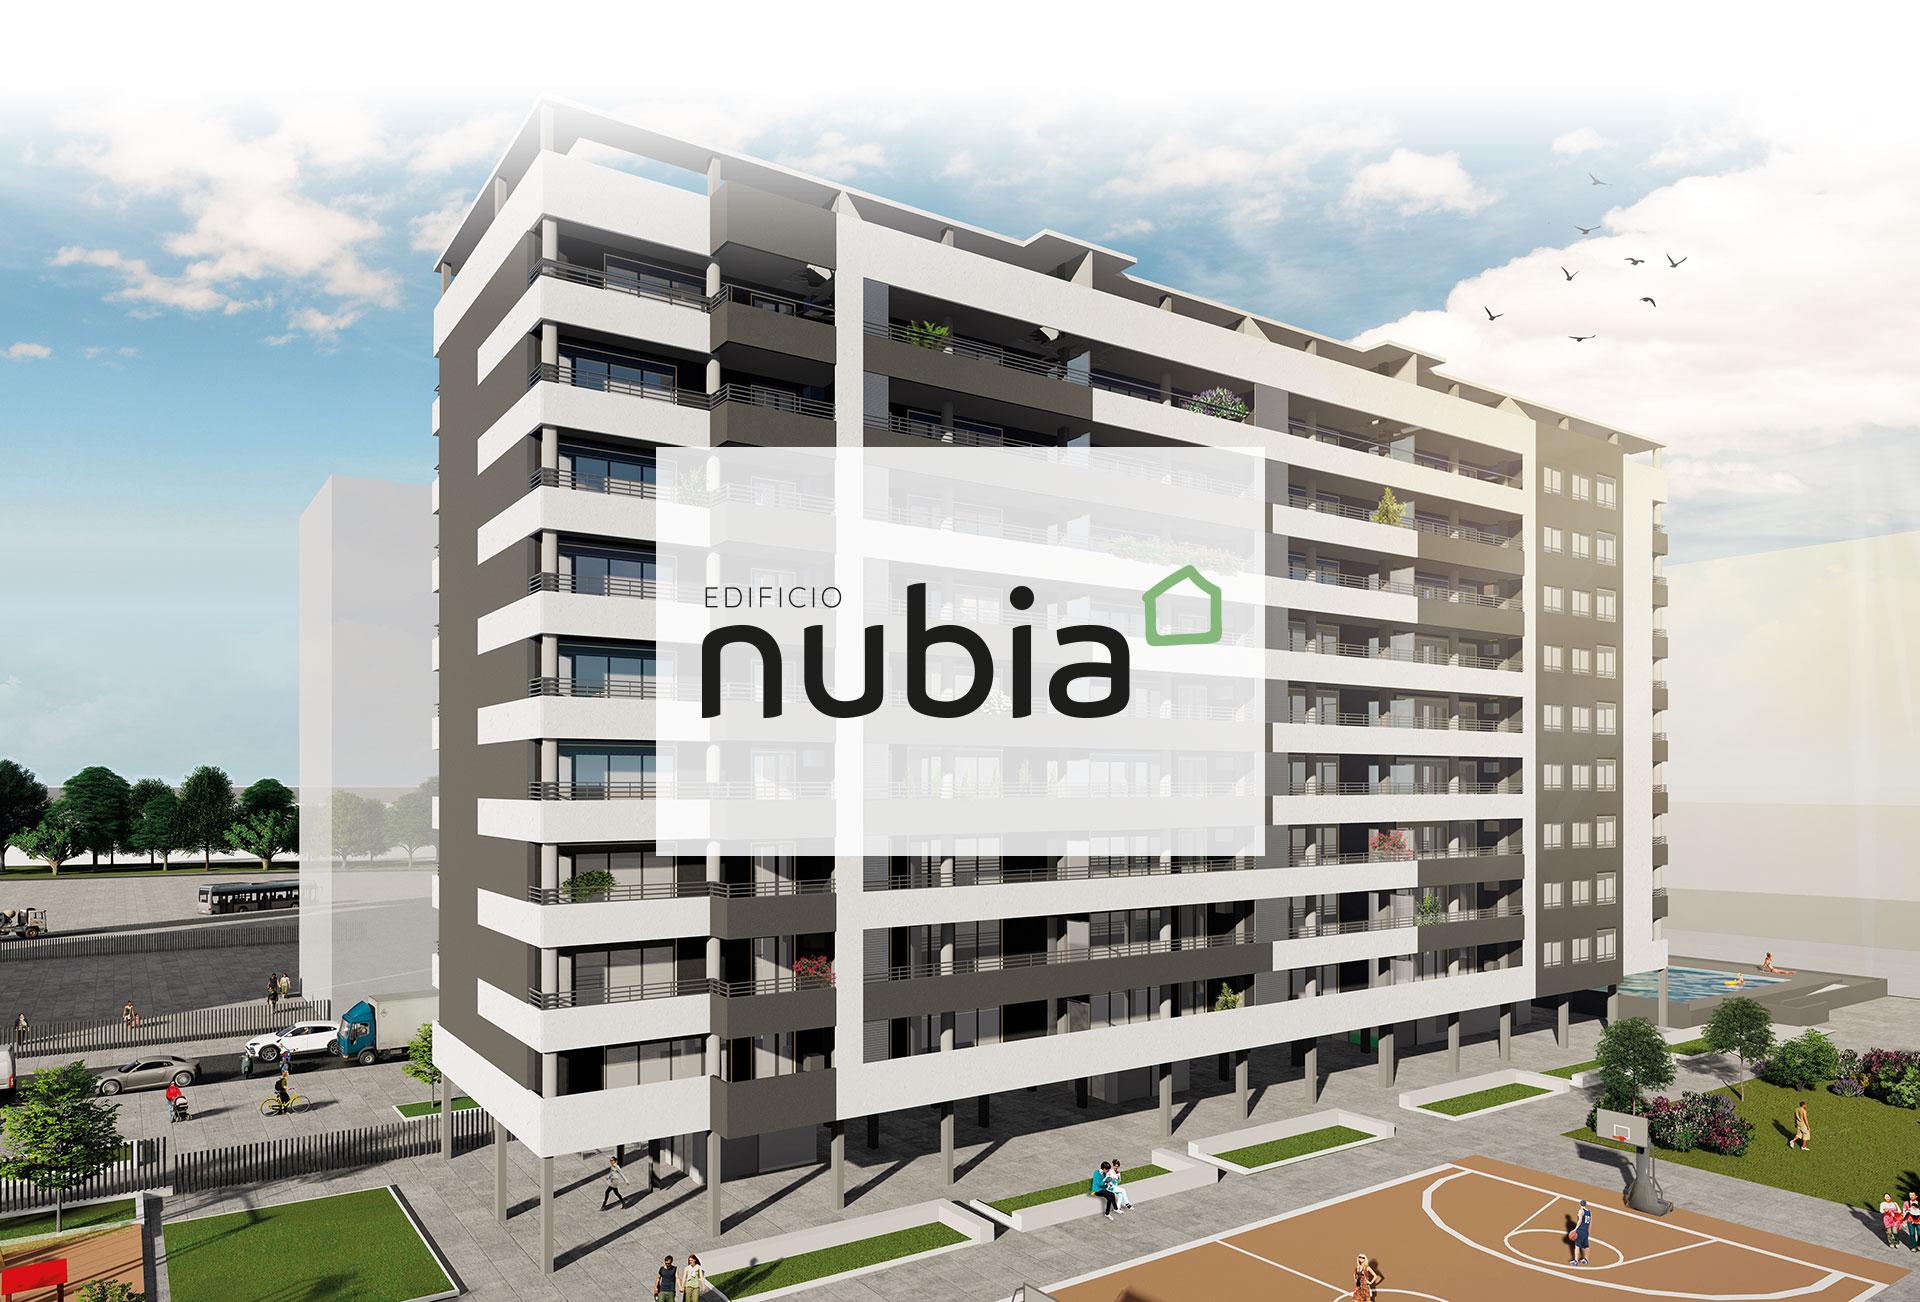 Scenia viviendas obra nueva Smart Home